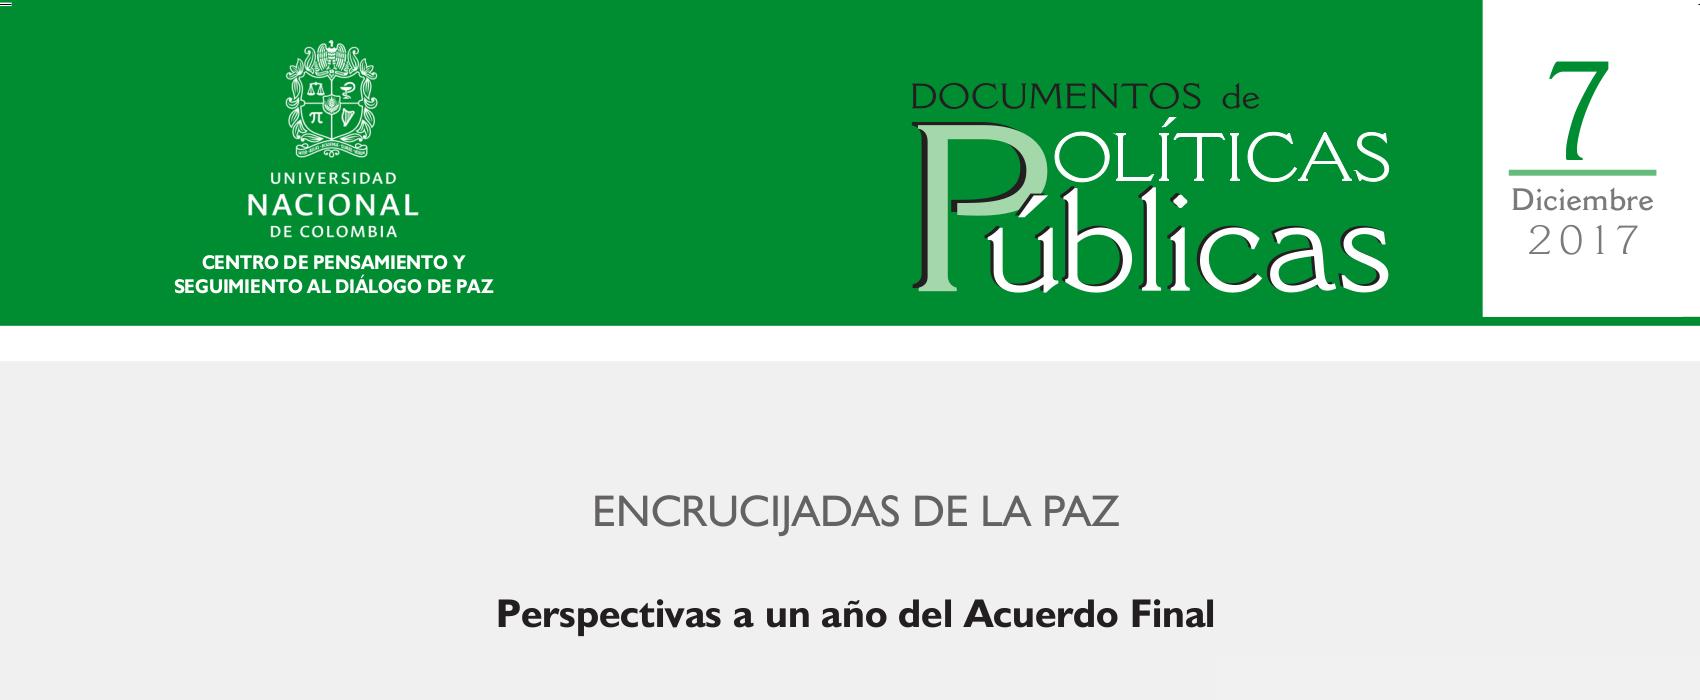 7. «Encrucijadas de la paz. Perspectivas a un año del Acuerdo Final»